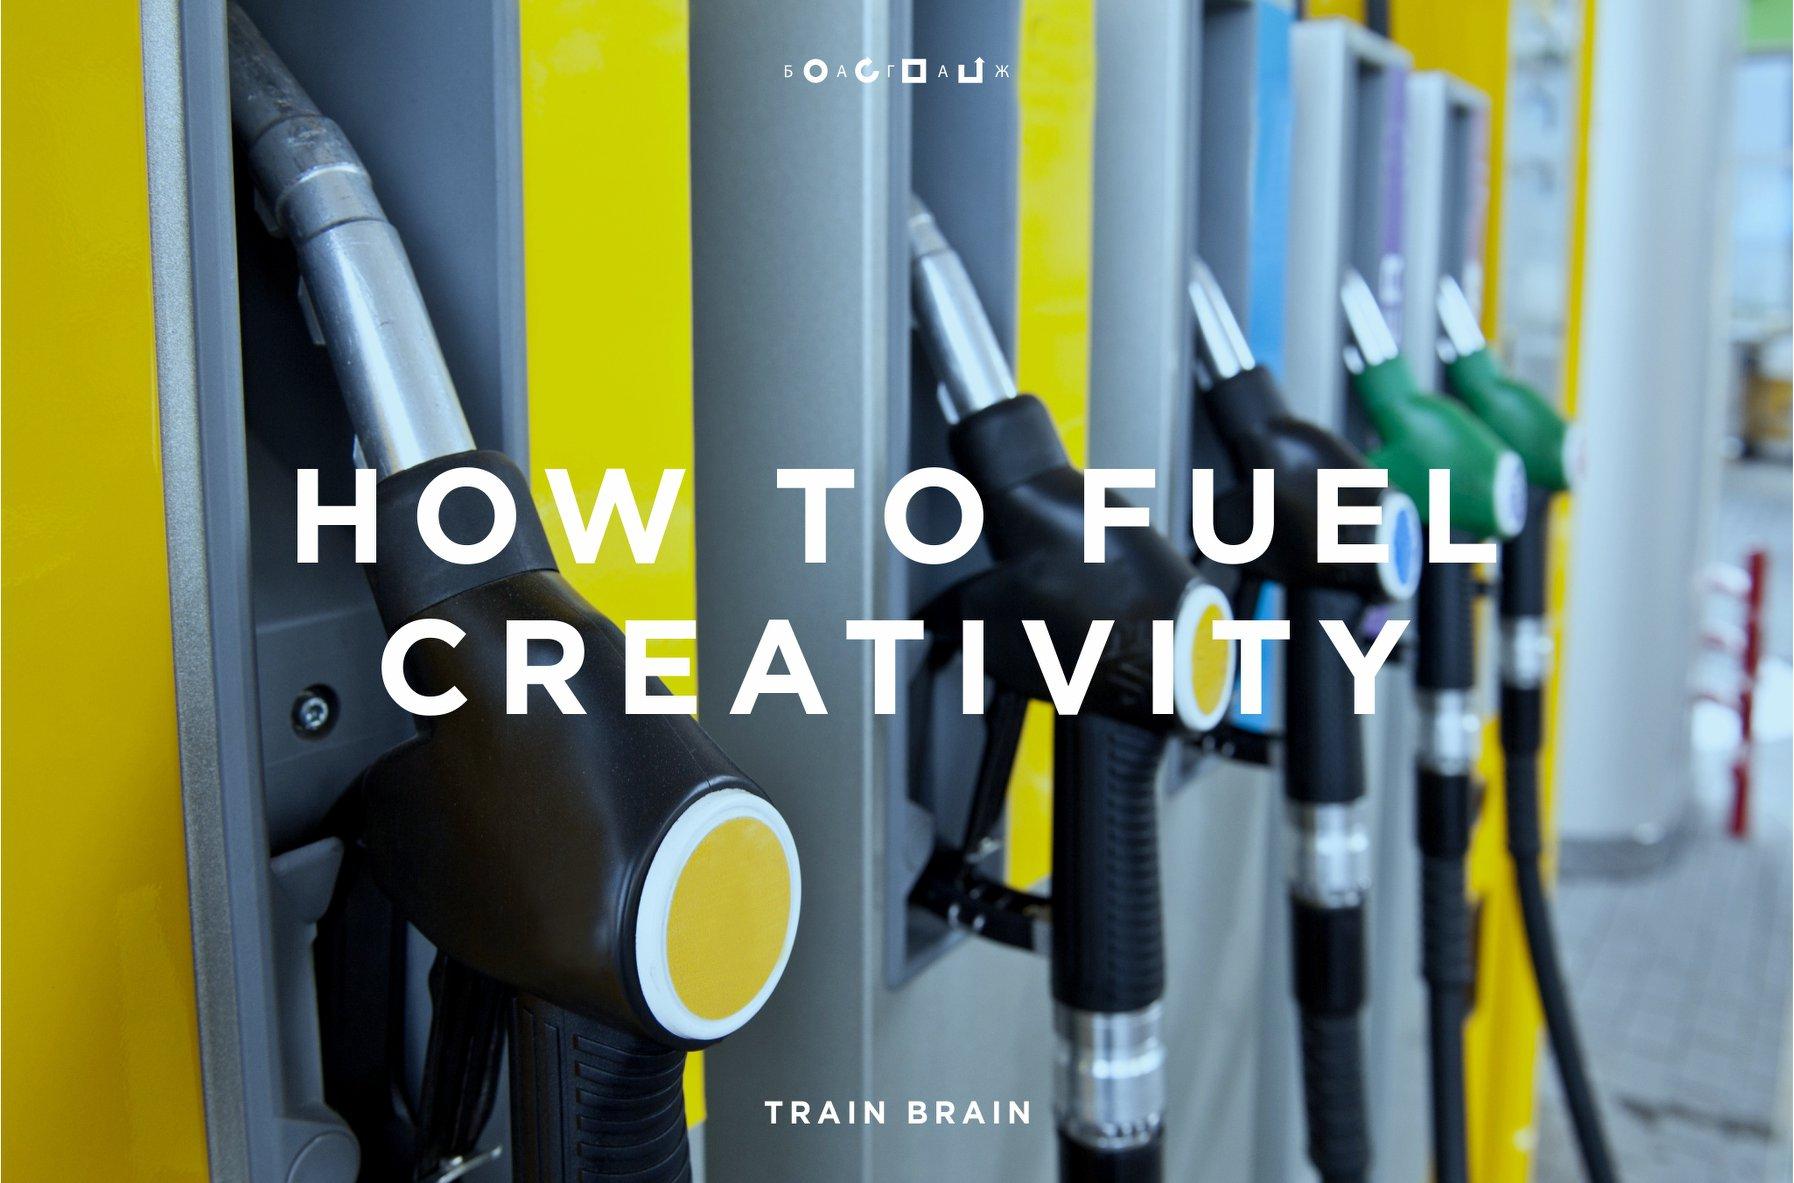 05_АПРЕЛЬ_HOW TO FUEL CREATIVITY